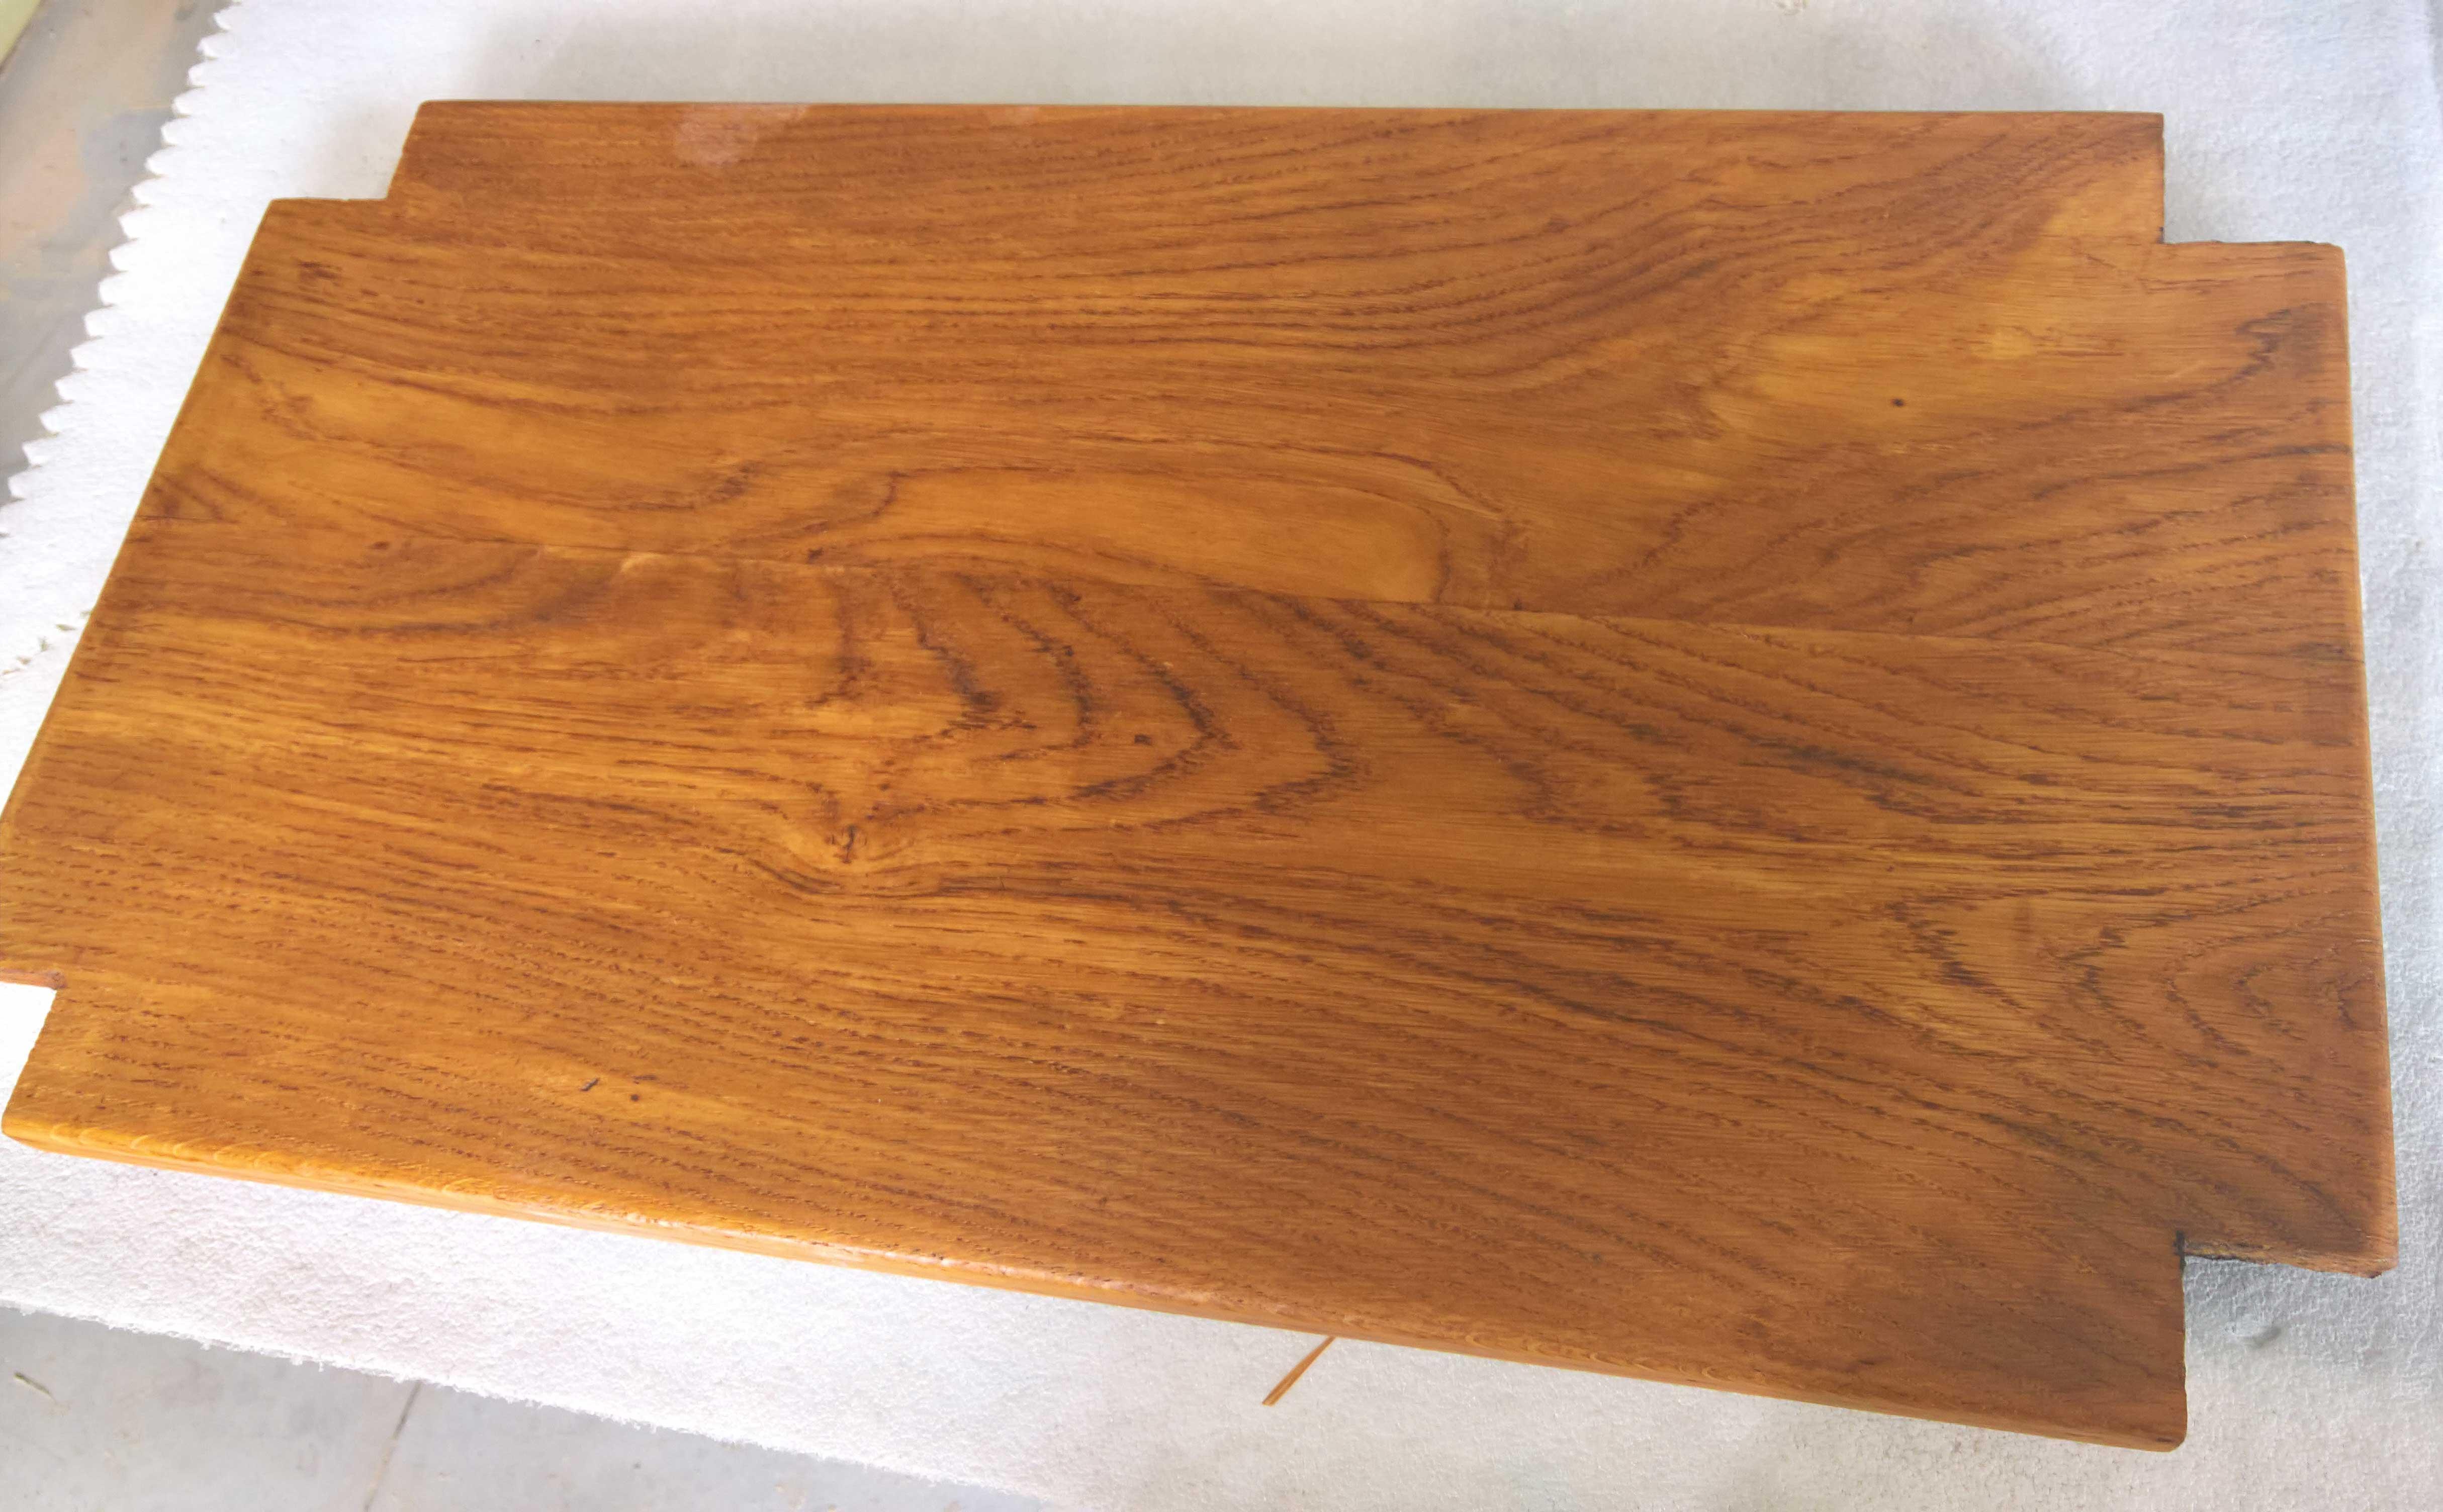 Lavorare Il Legno Grezzo : Appunti di restauro sverniciare e riverniciare un mobile in legno